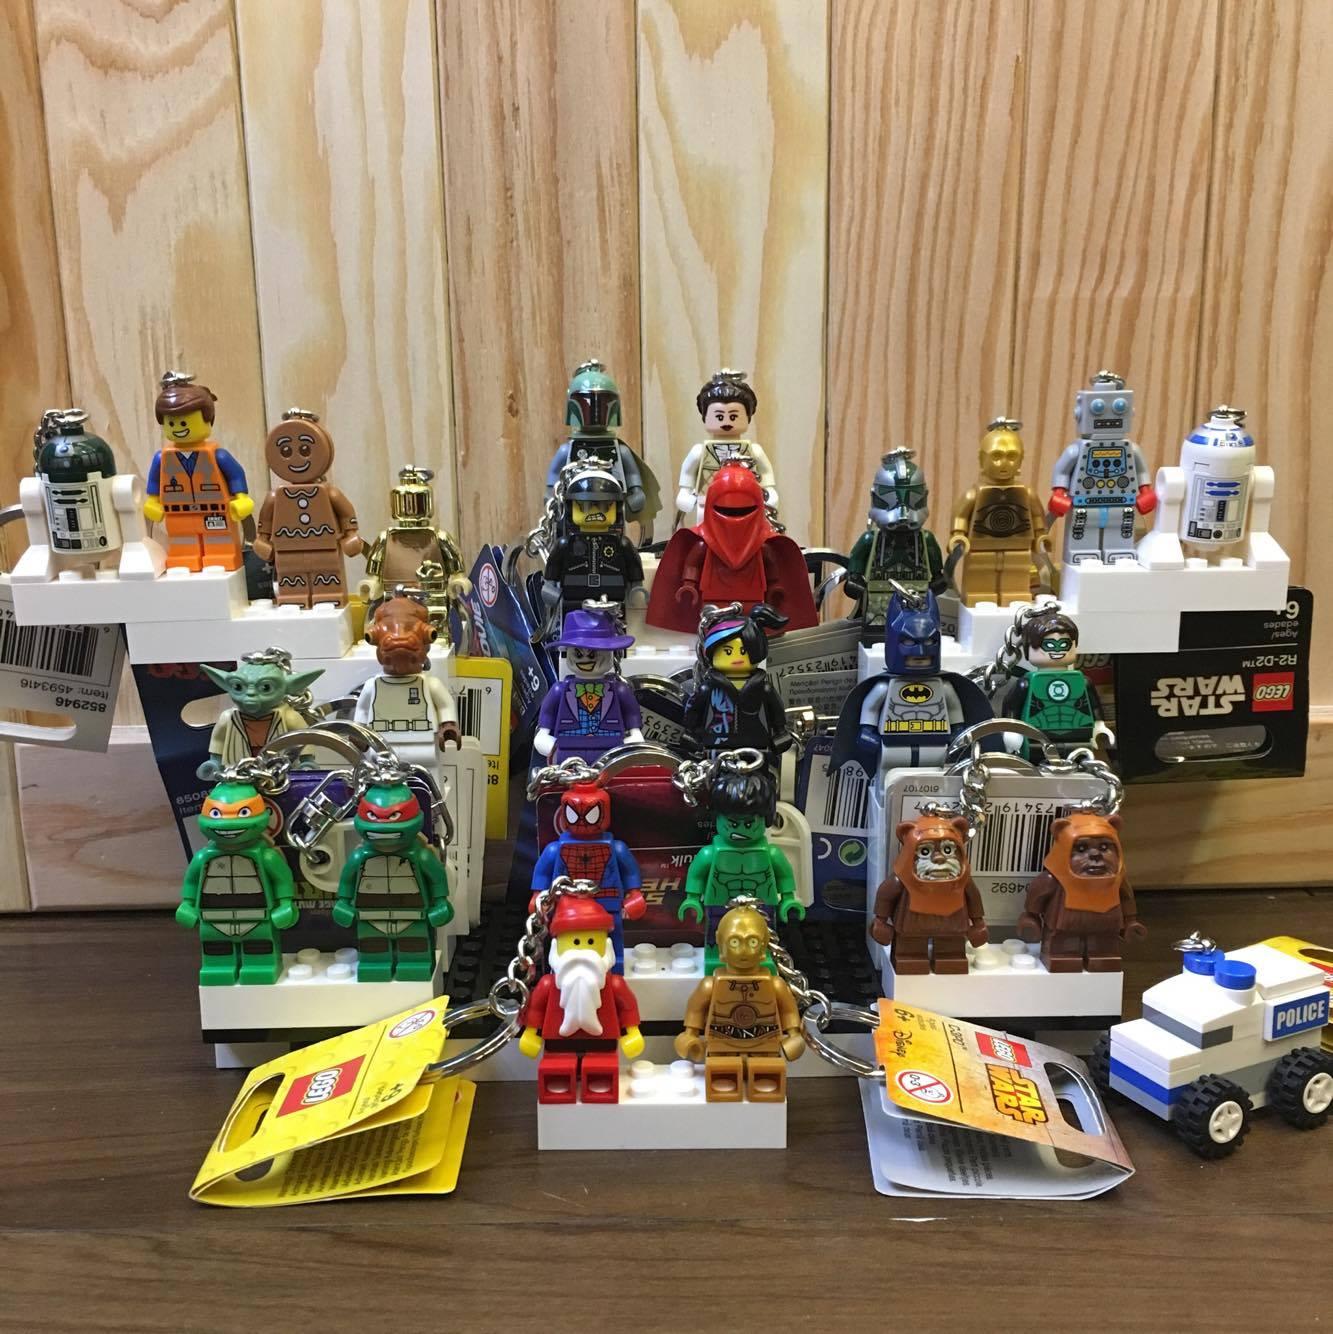 BEETLE LEGO SUPER HEROES SPIDER MAN 蜘蛛人 彼得 班傑明 樂高 積木 鑰匙圈 玩具 3